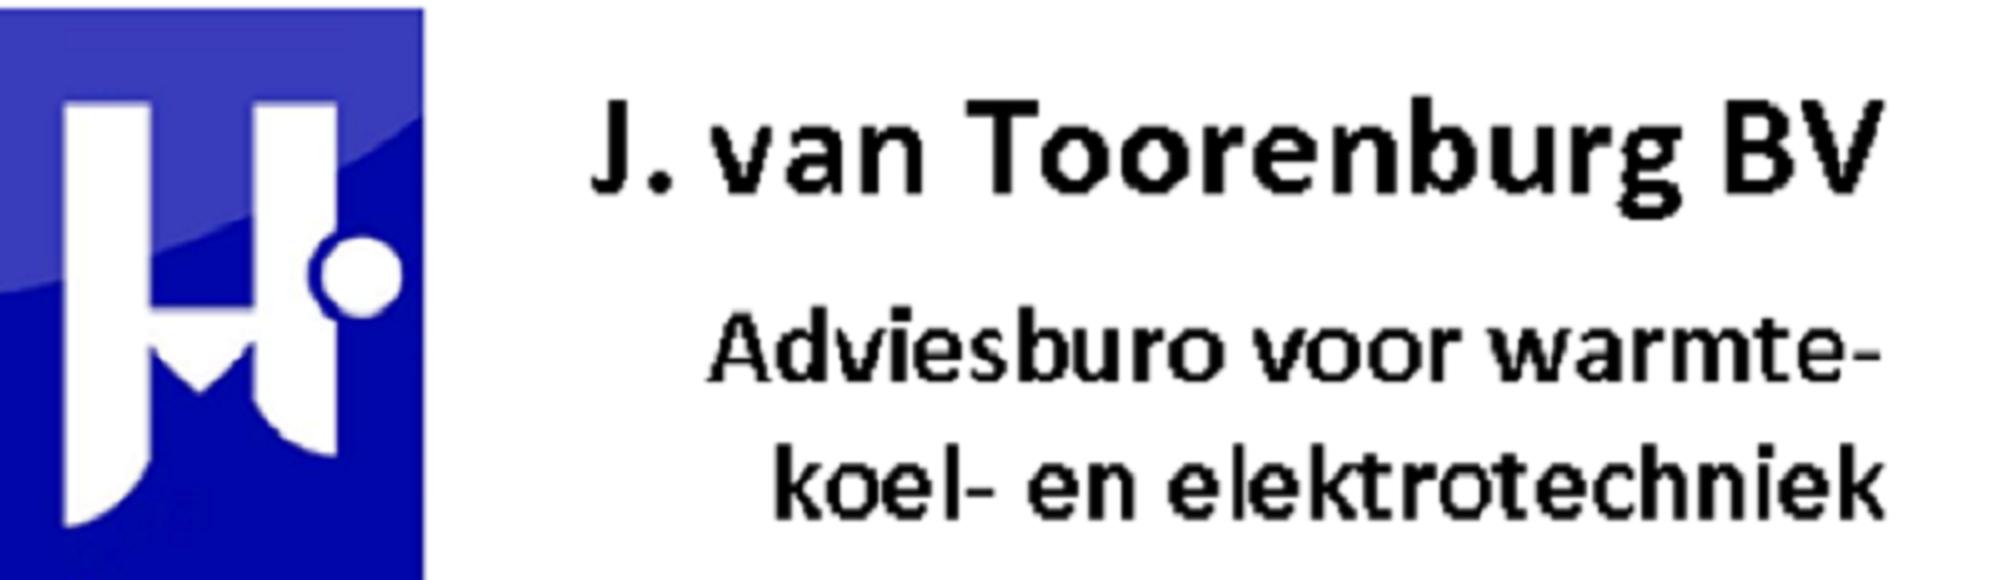 J. van Toorenburg B.V.